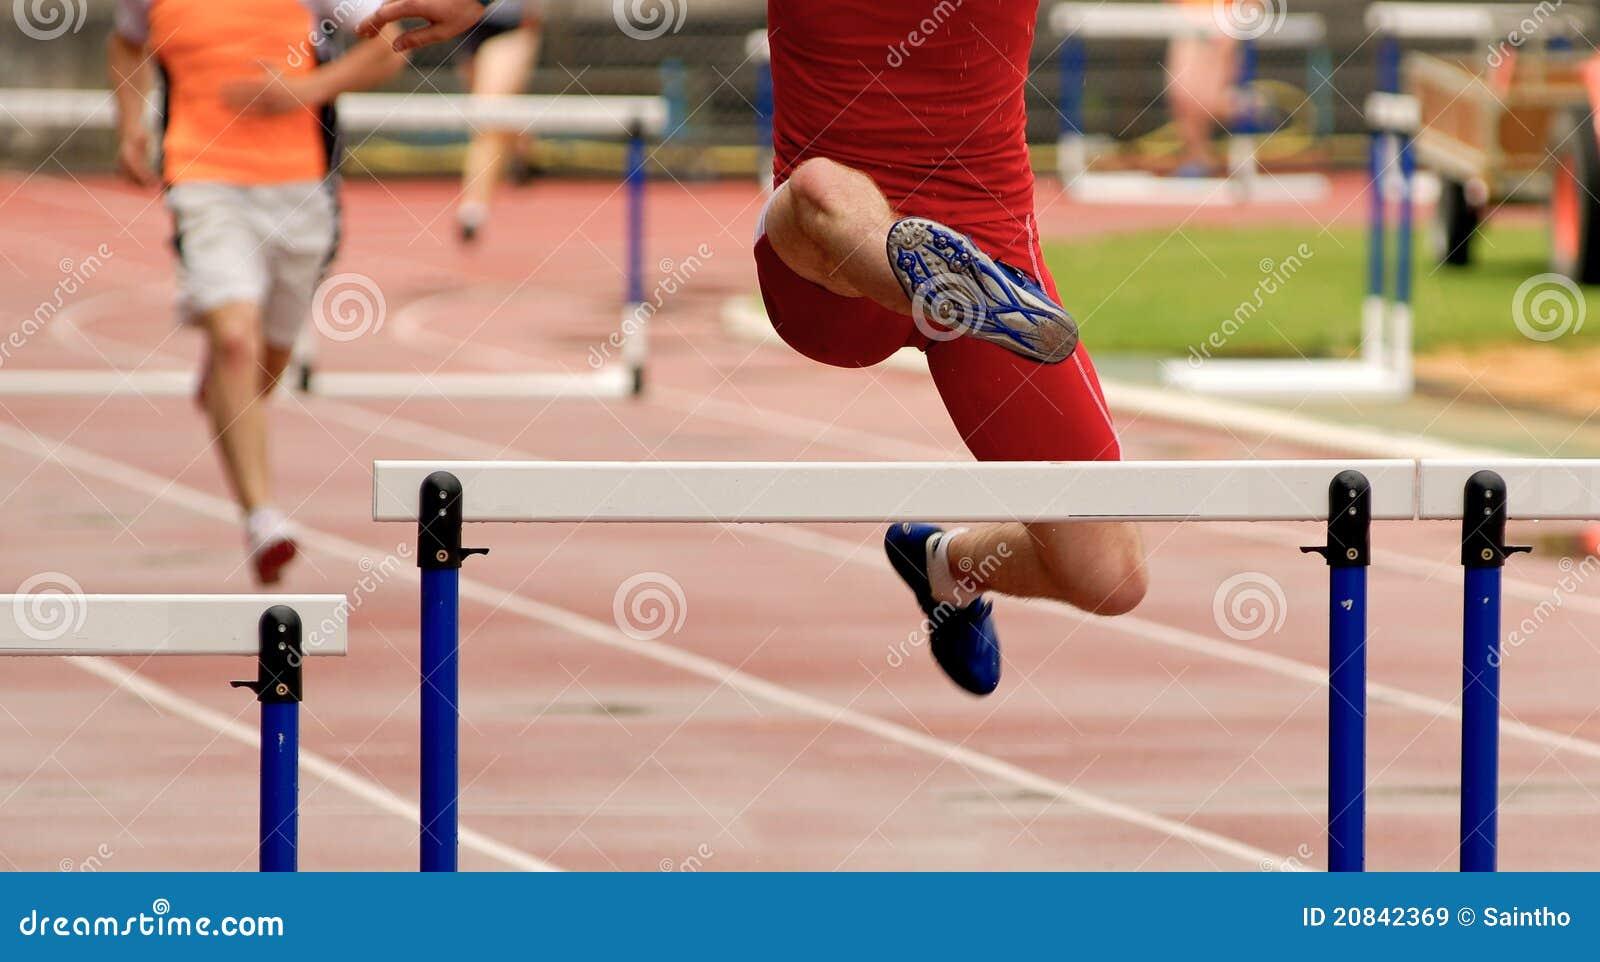 Salto en la carrera de vallas imagen de archivo imagen - Imagen de vallas ...